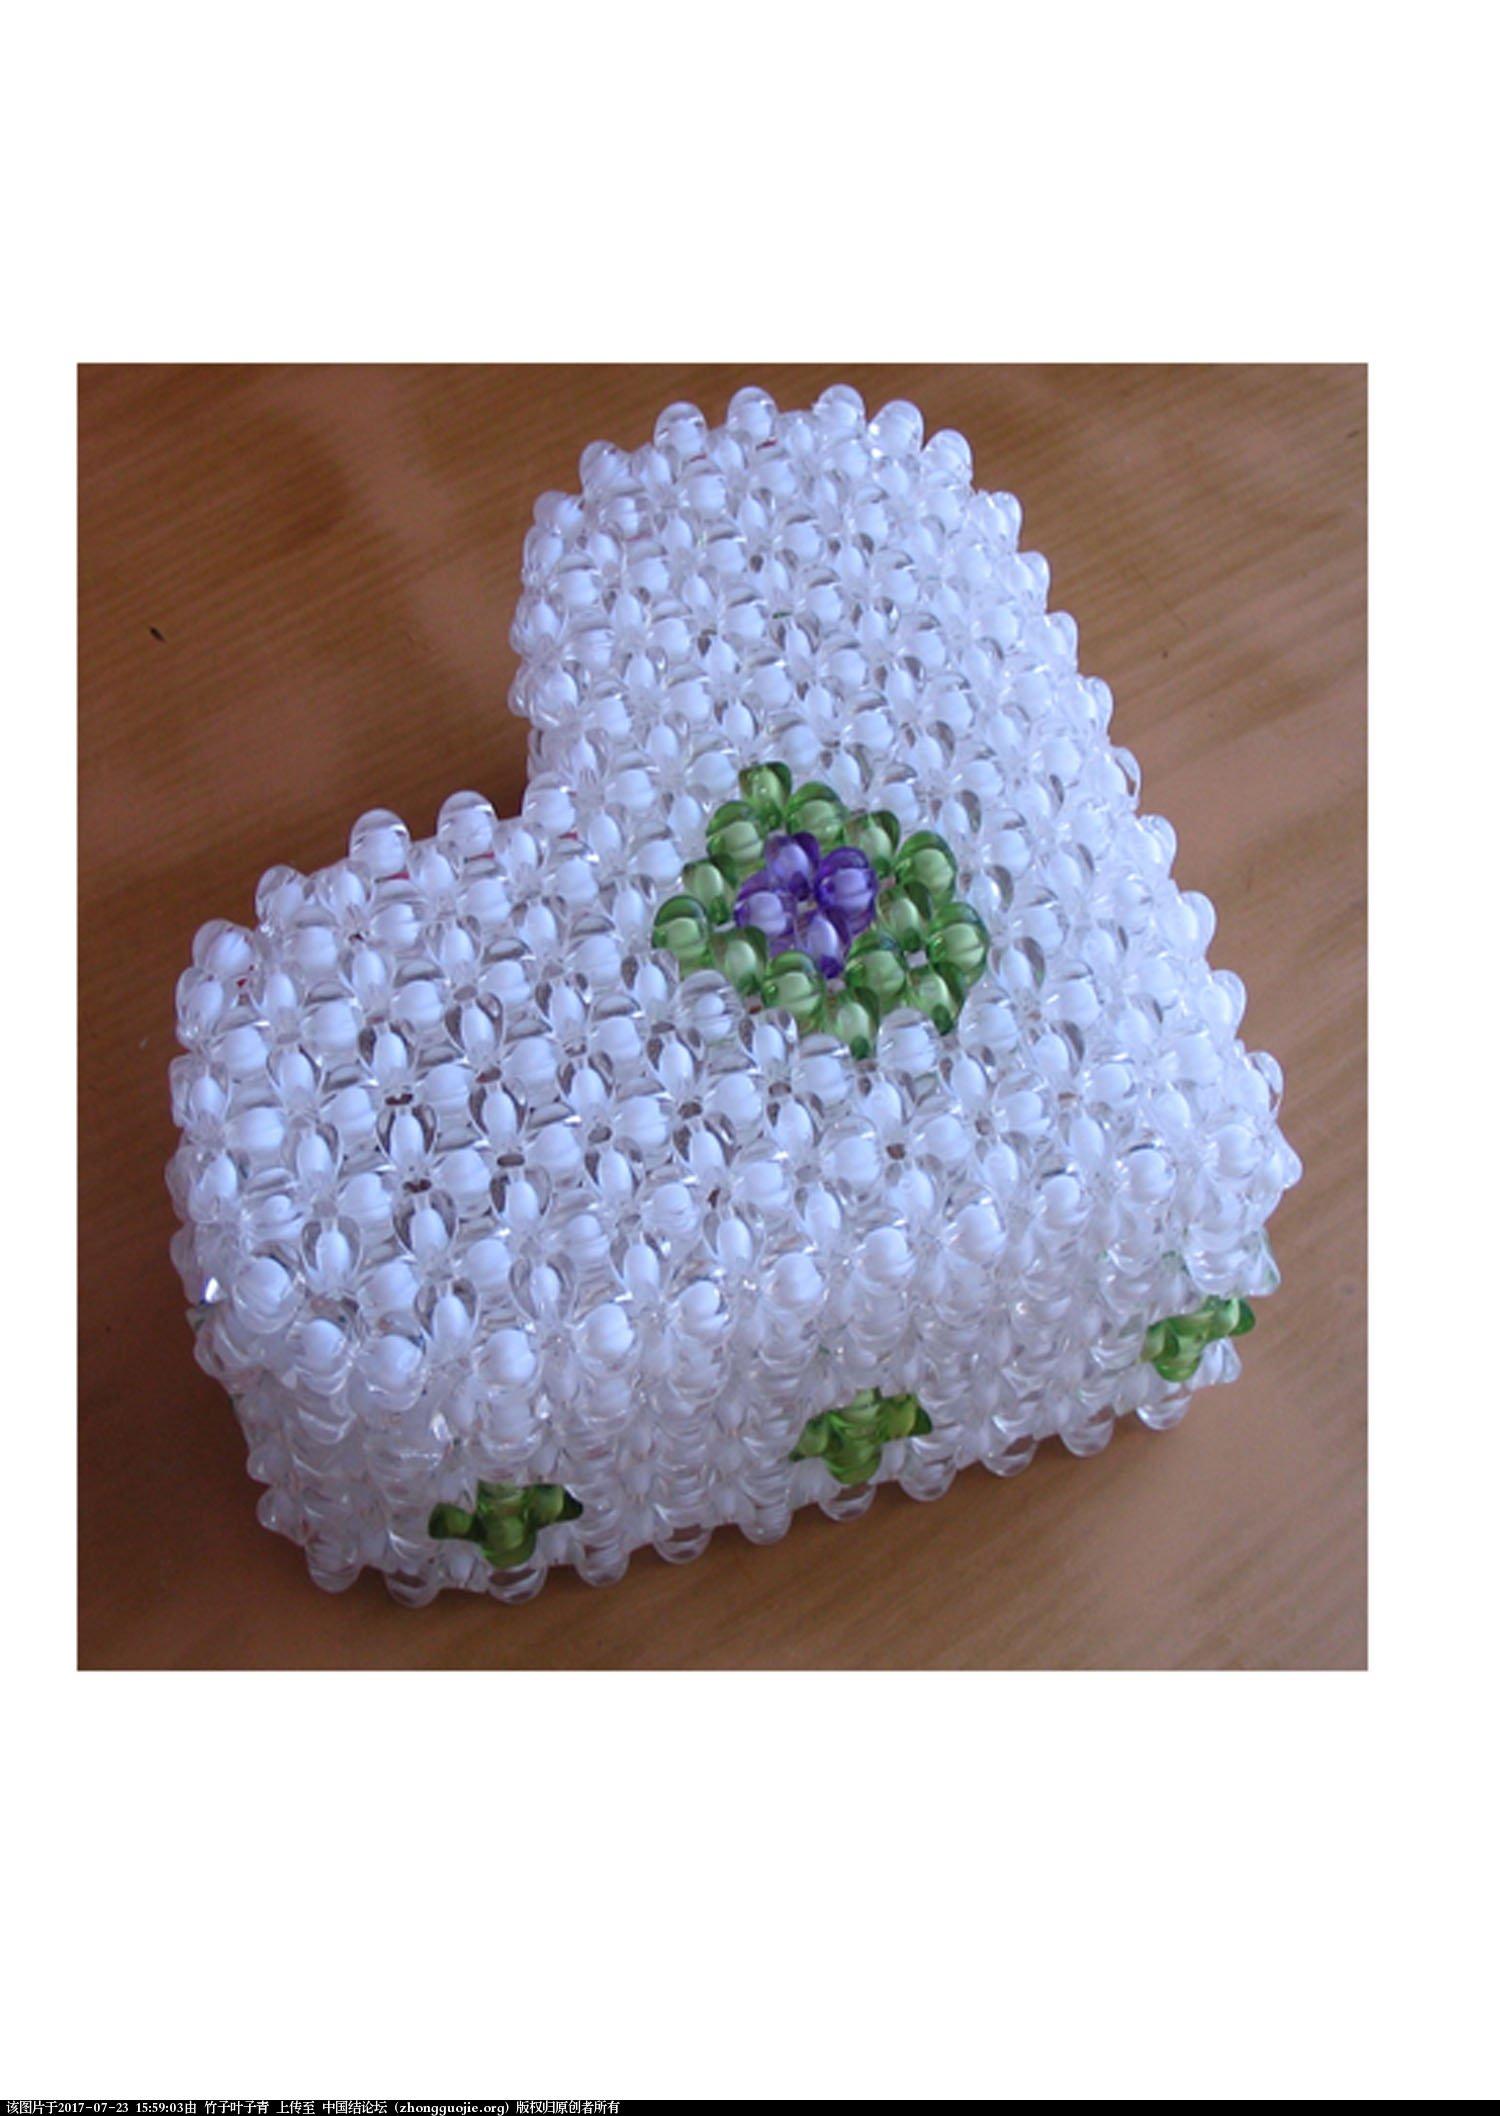 中国结论坛 跟大家分享串珠花瓶,抽纸盒及像框。  串珠其他手工资料分享 155817lioiet9z12tiomx7